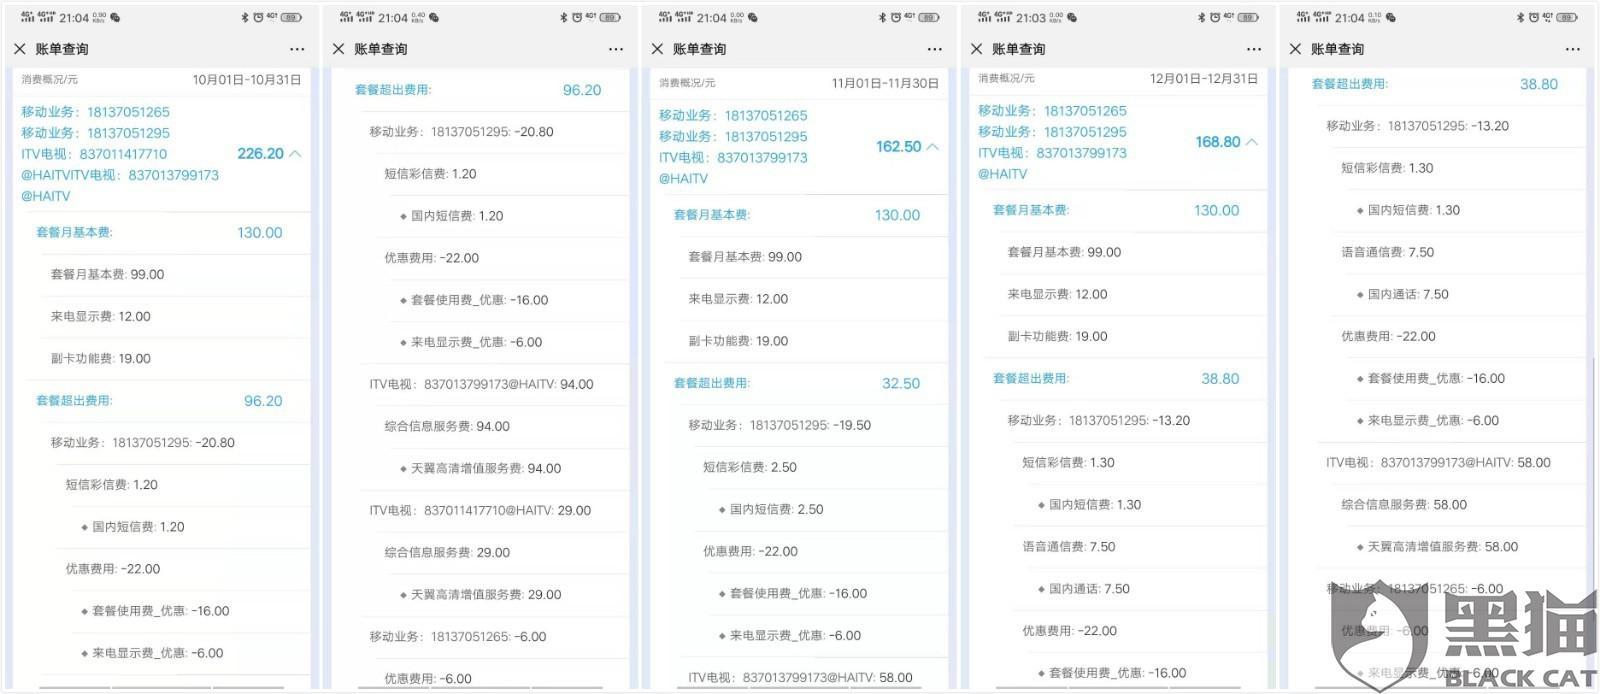 黑猫投诉:中国电信电视机顶盒套路用户坑骗暗扣消费,客服态度强硬